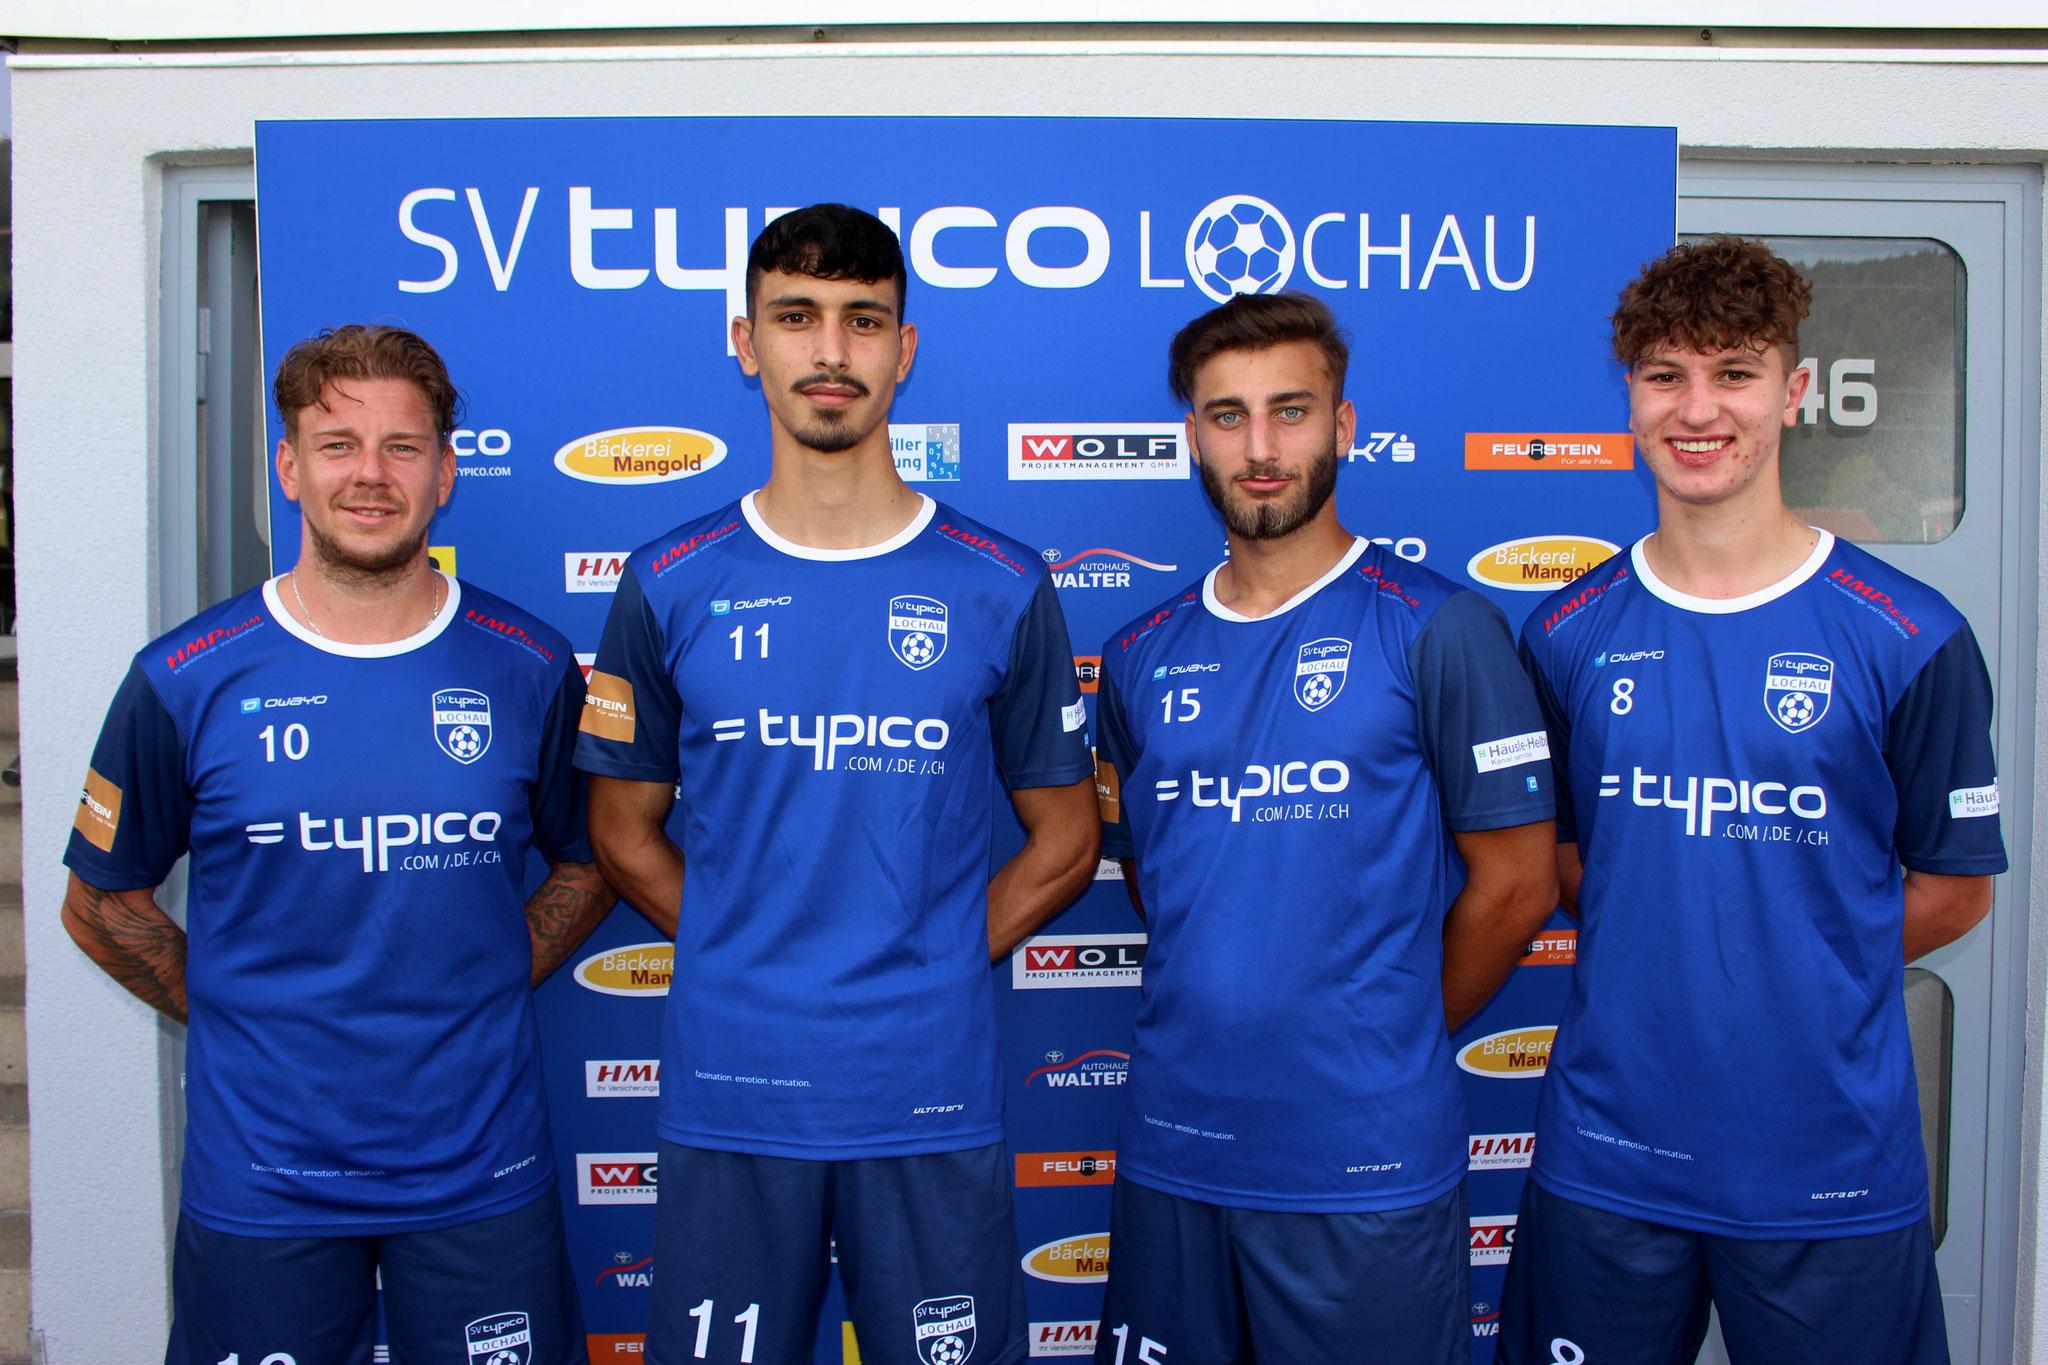 Unsere Sommer-Neuzugänge Stefan Maccani, Tarkan Parlak, Mücahit Özdemir & Rene Nesensohn (Fatih Yildirim fehlt)